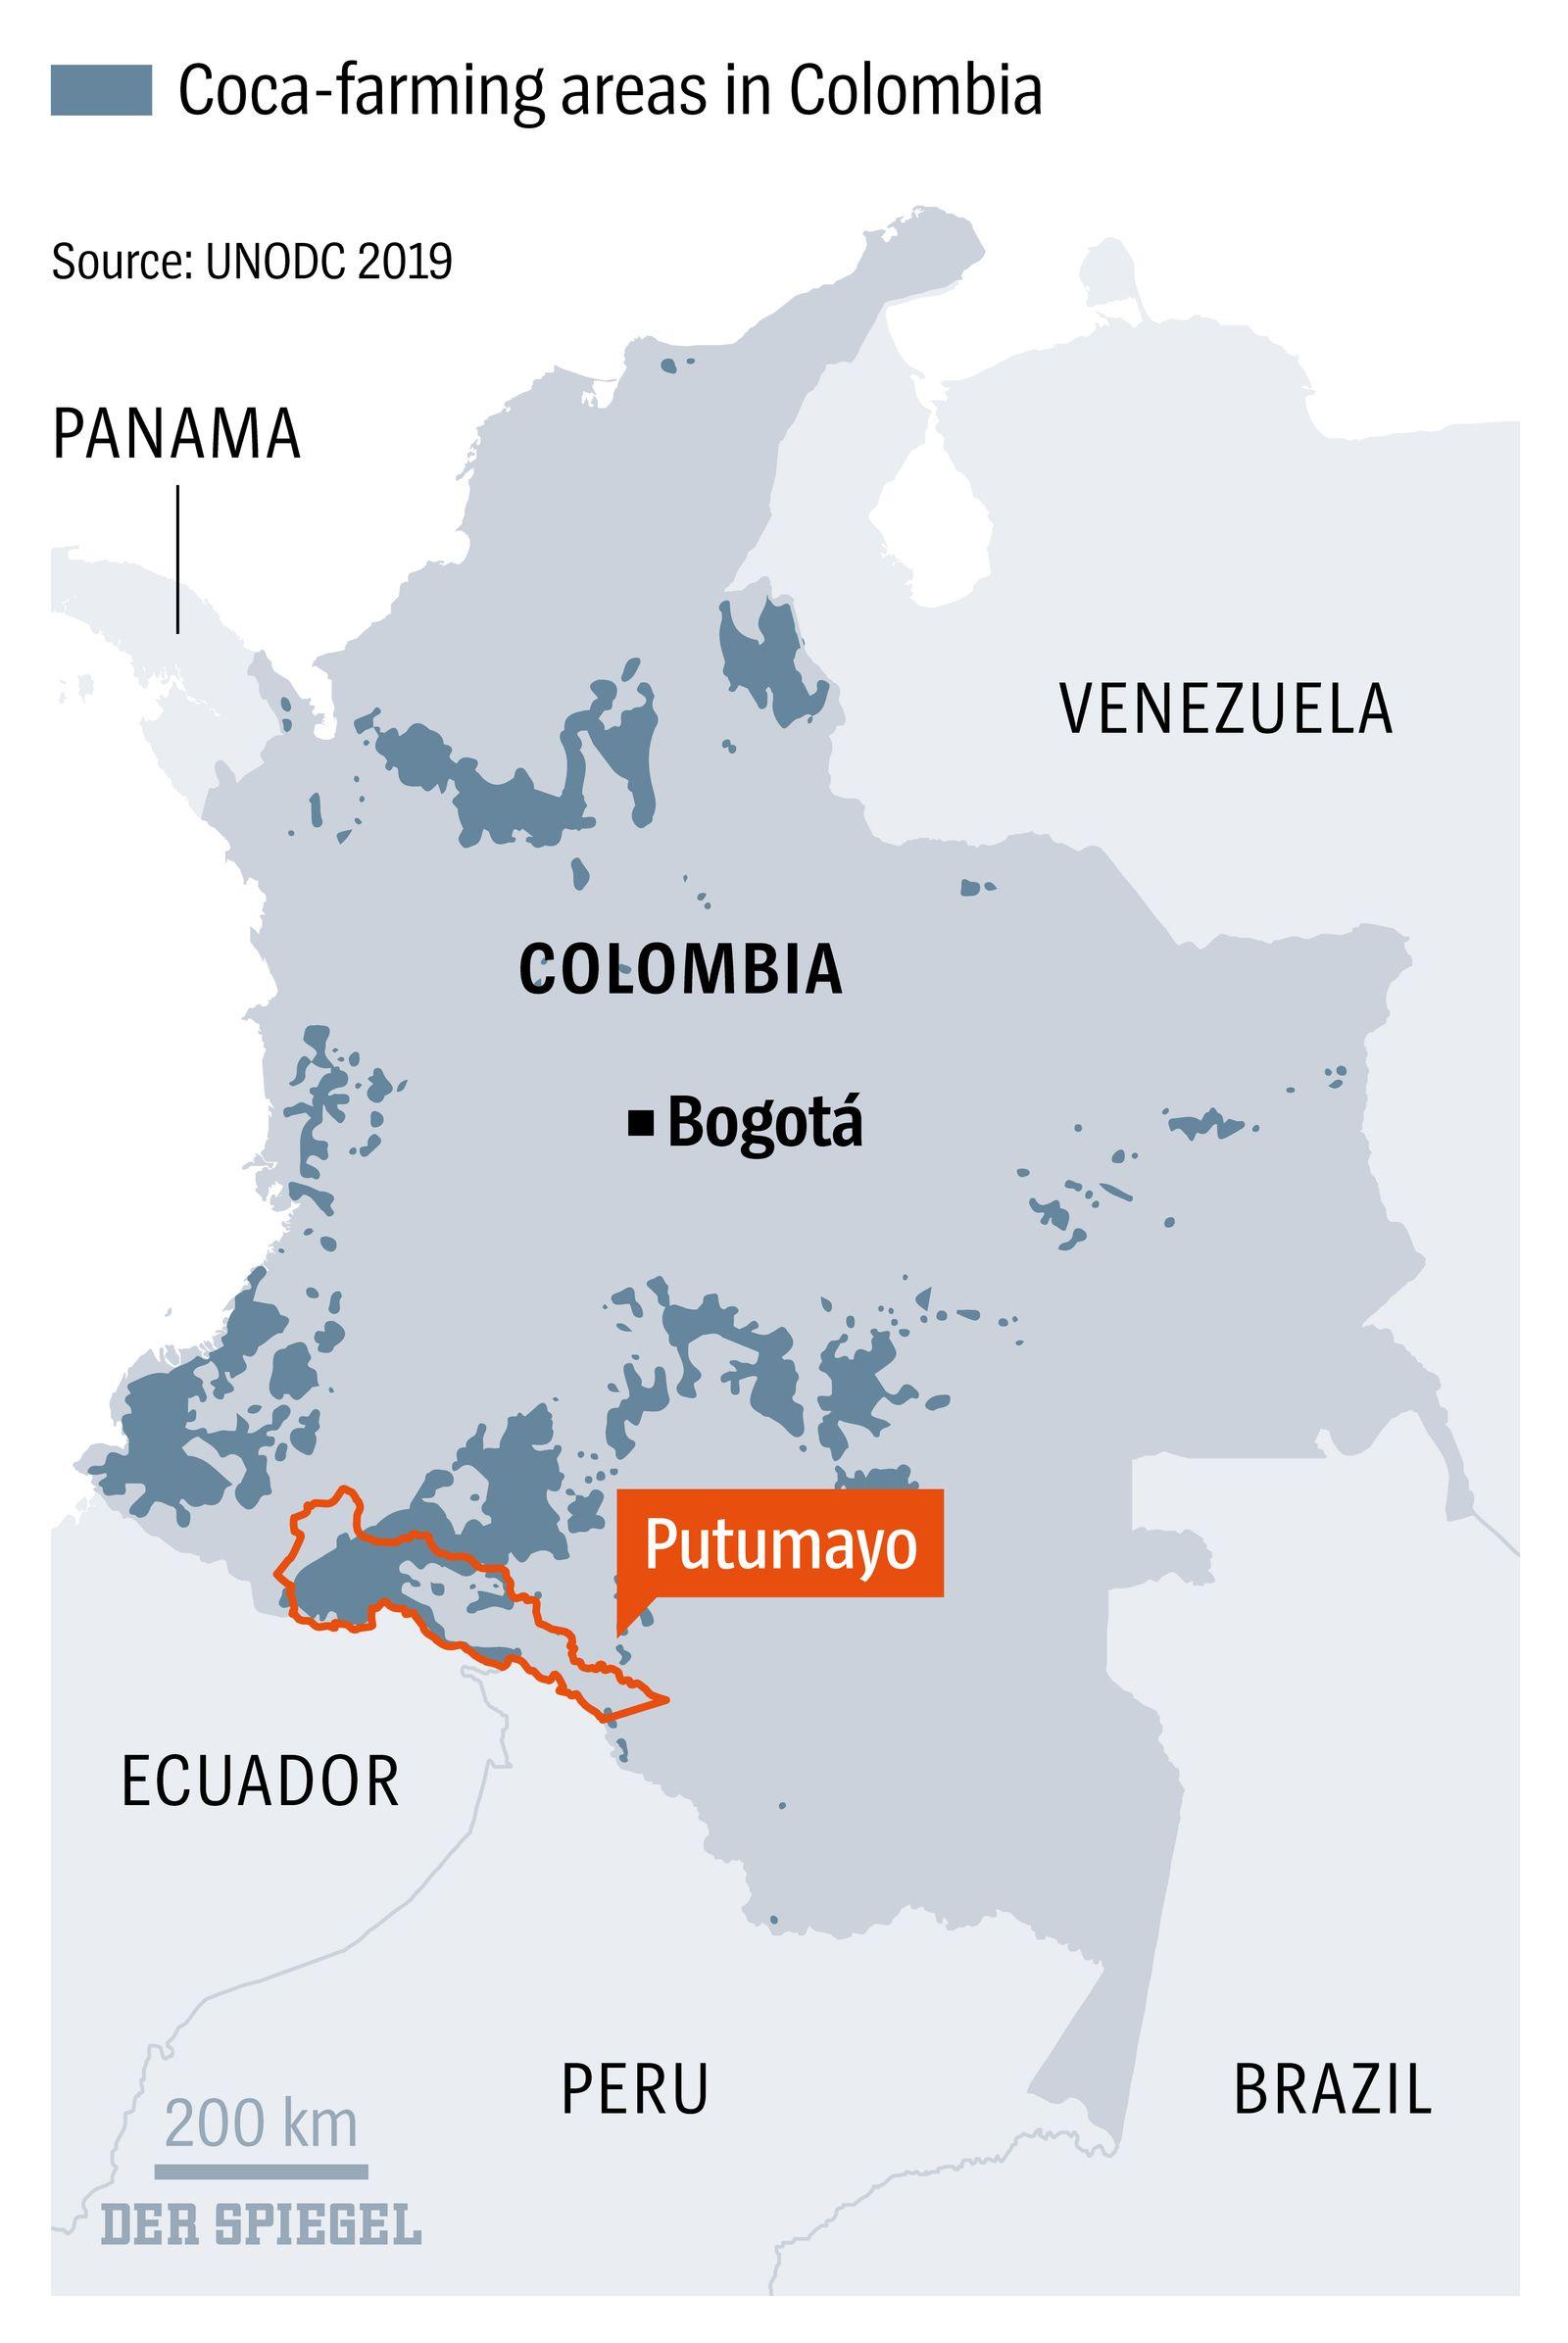 Coca-farming areas in Colombia